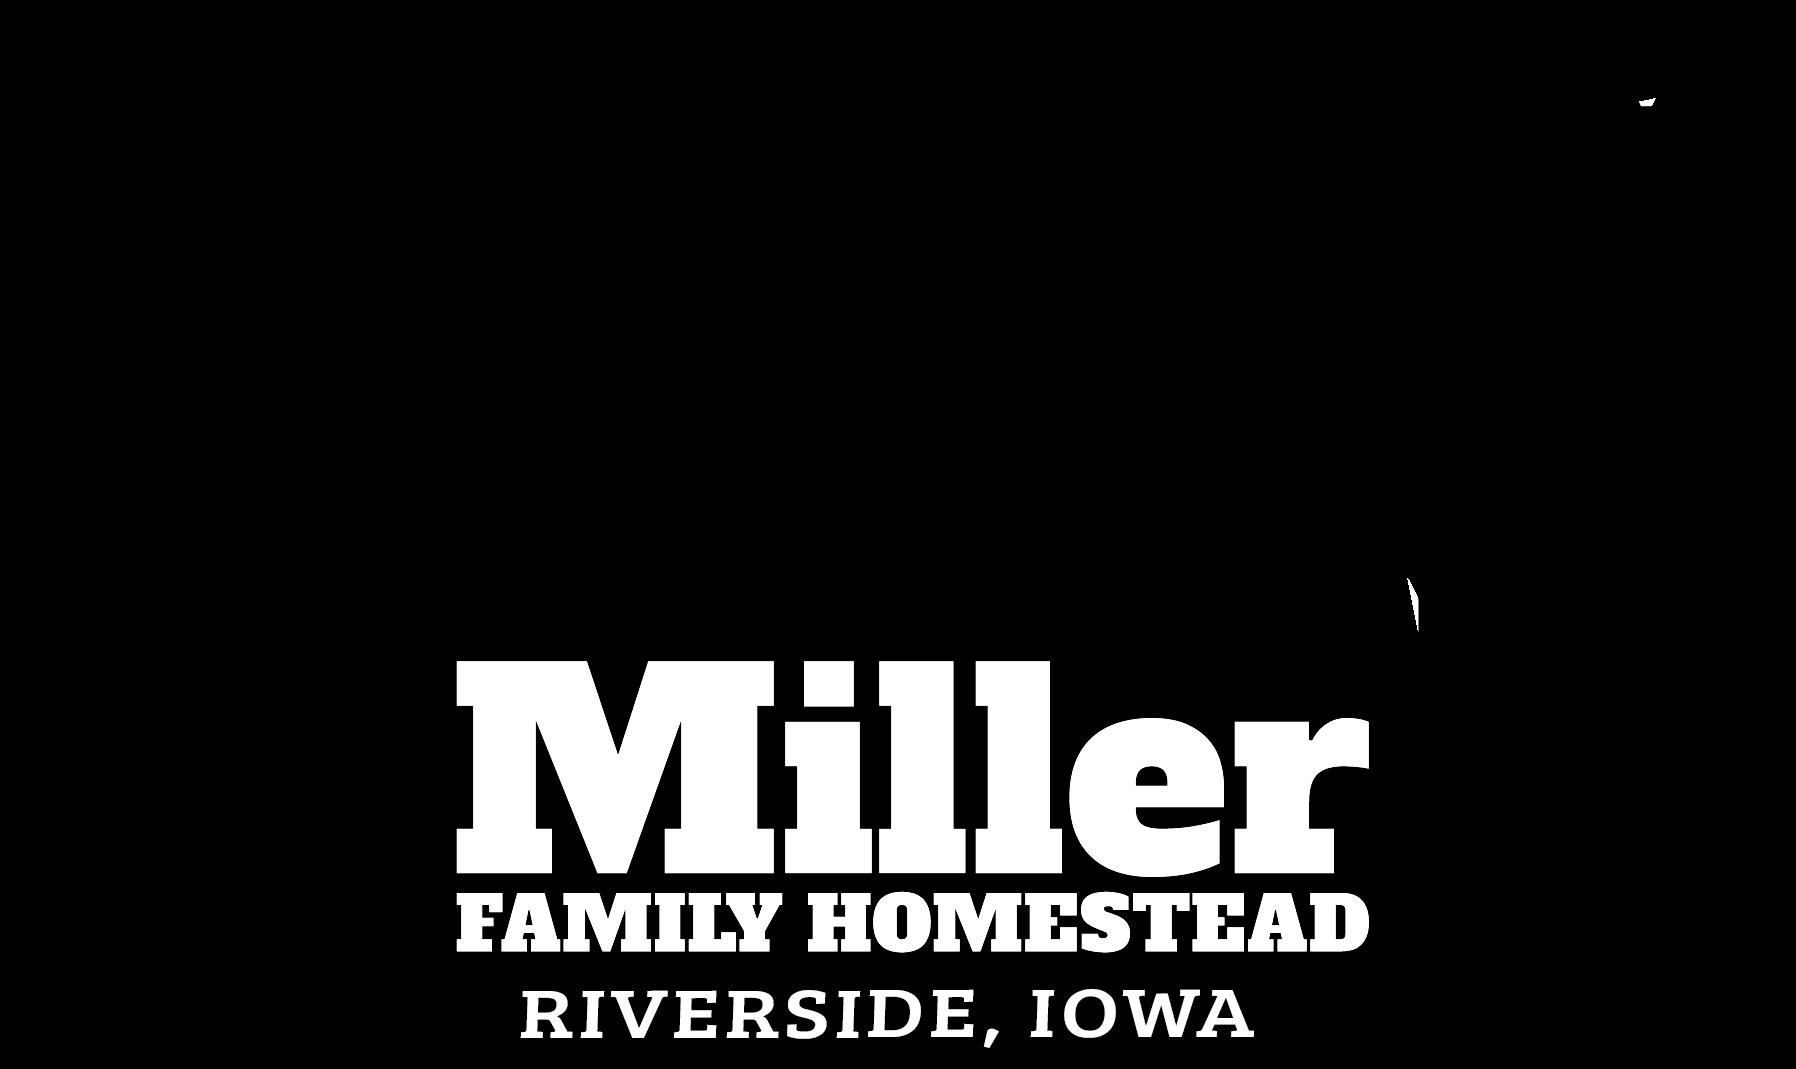 Miller Family Homestead